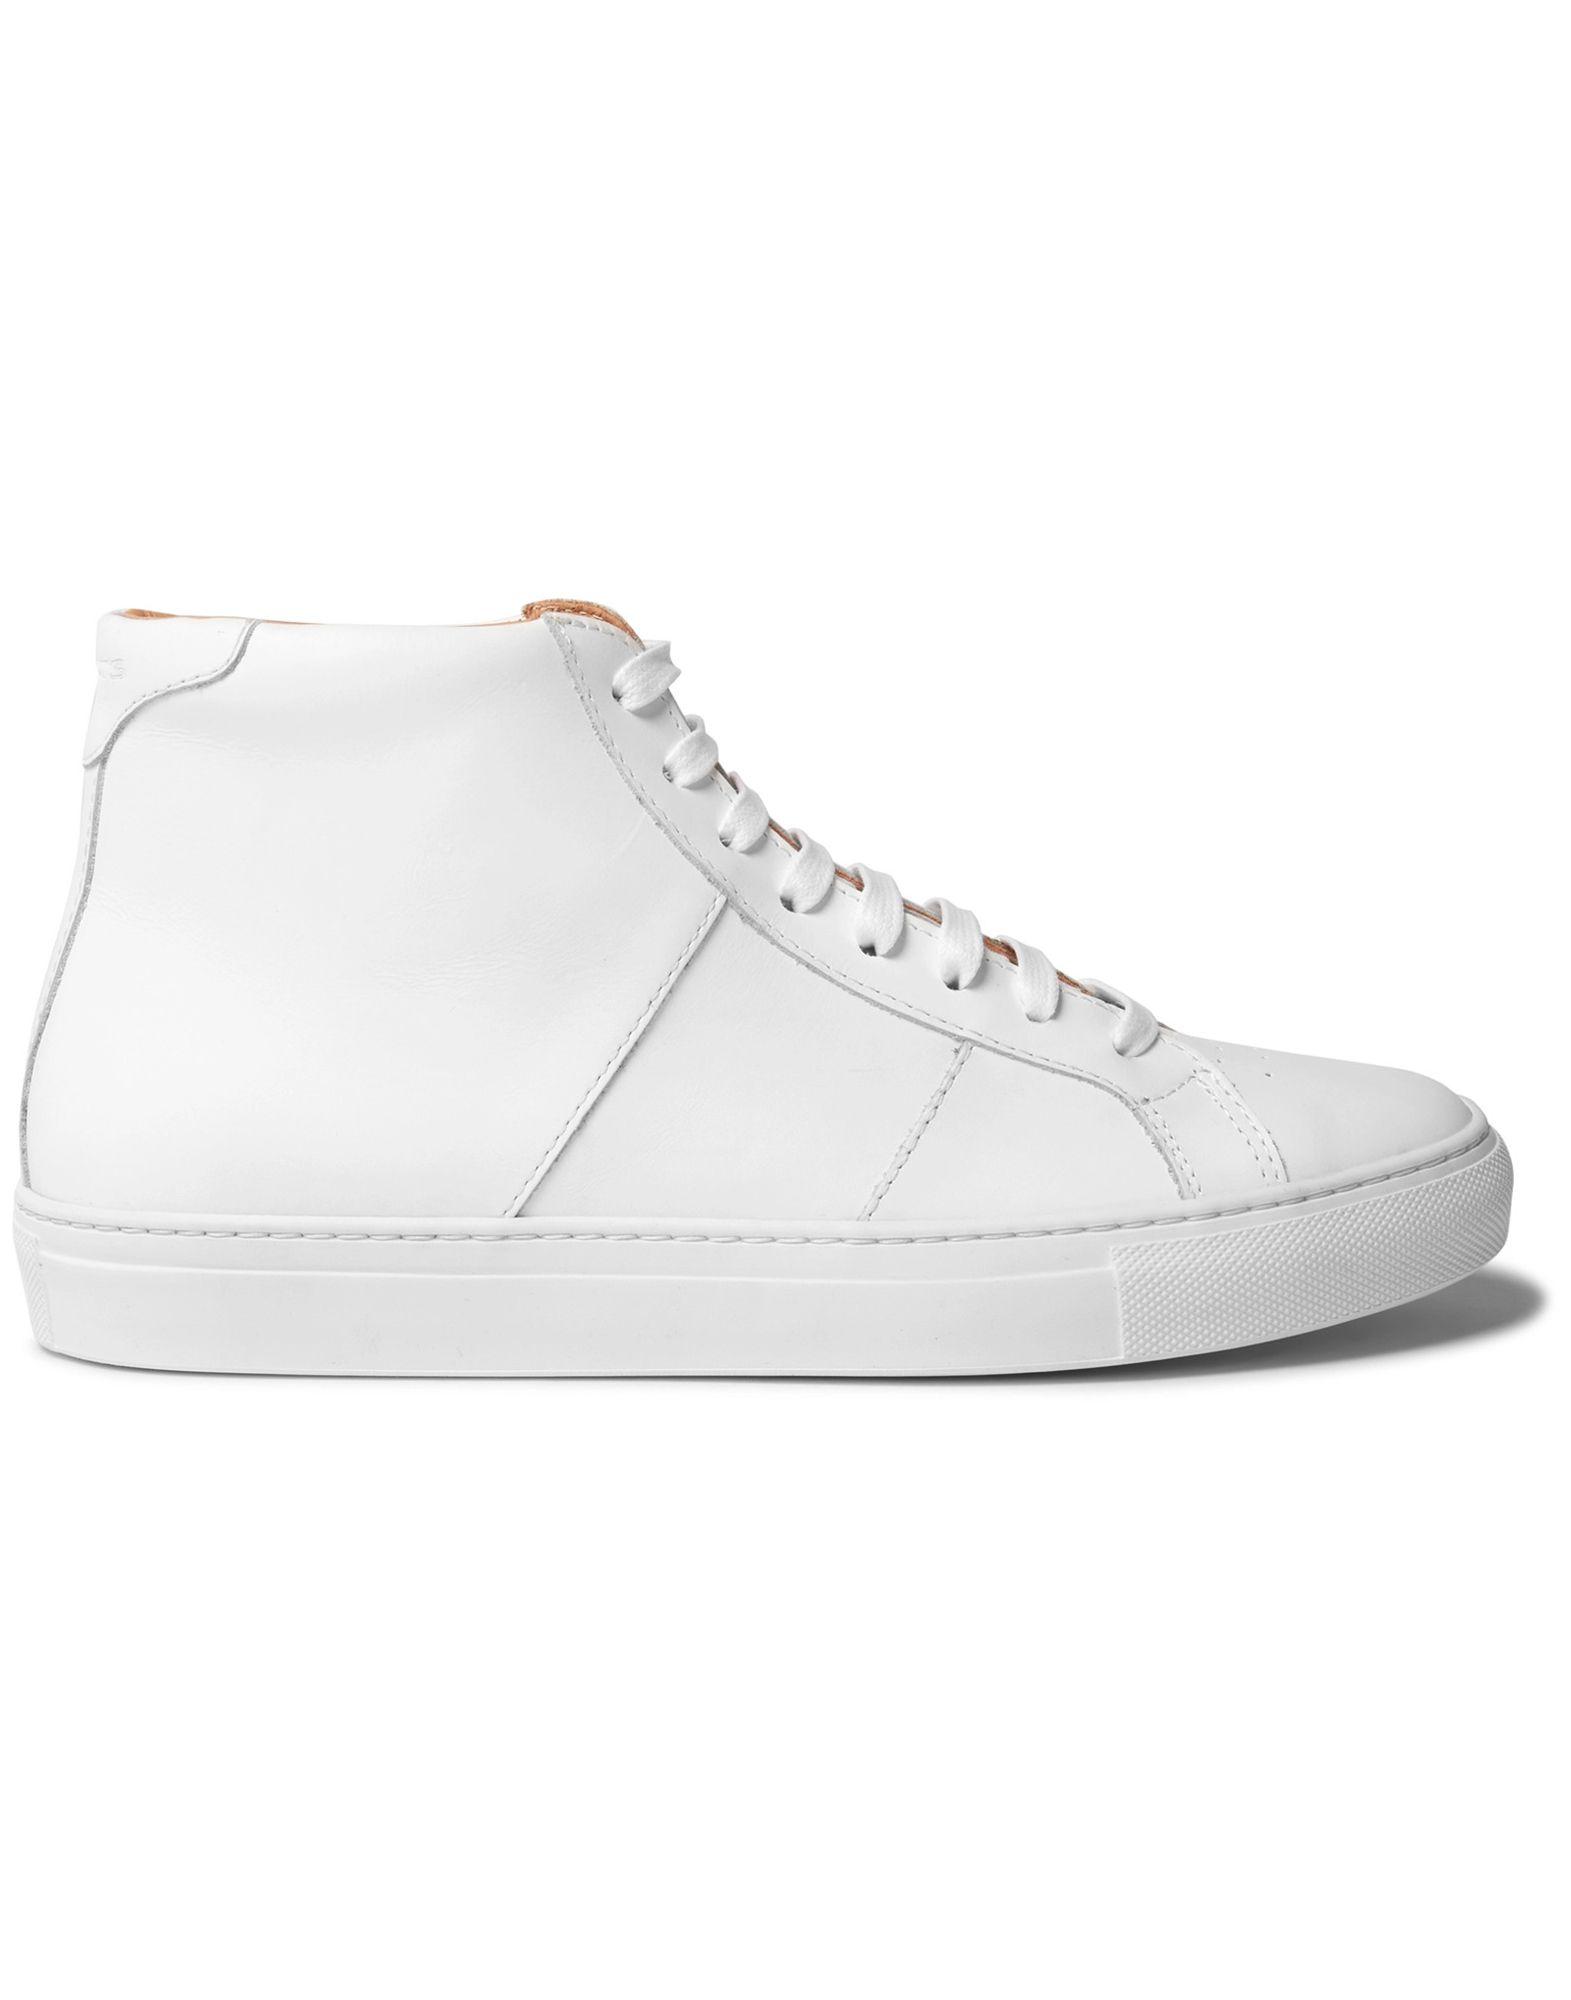 Sneakers Greats Uomo - 11539778OD Scarpe economiche e buone